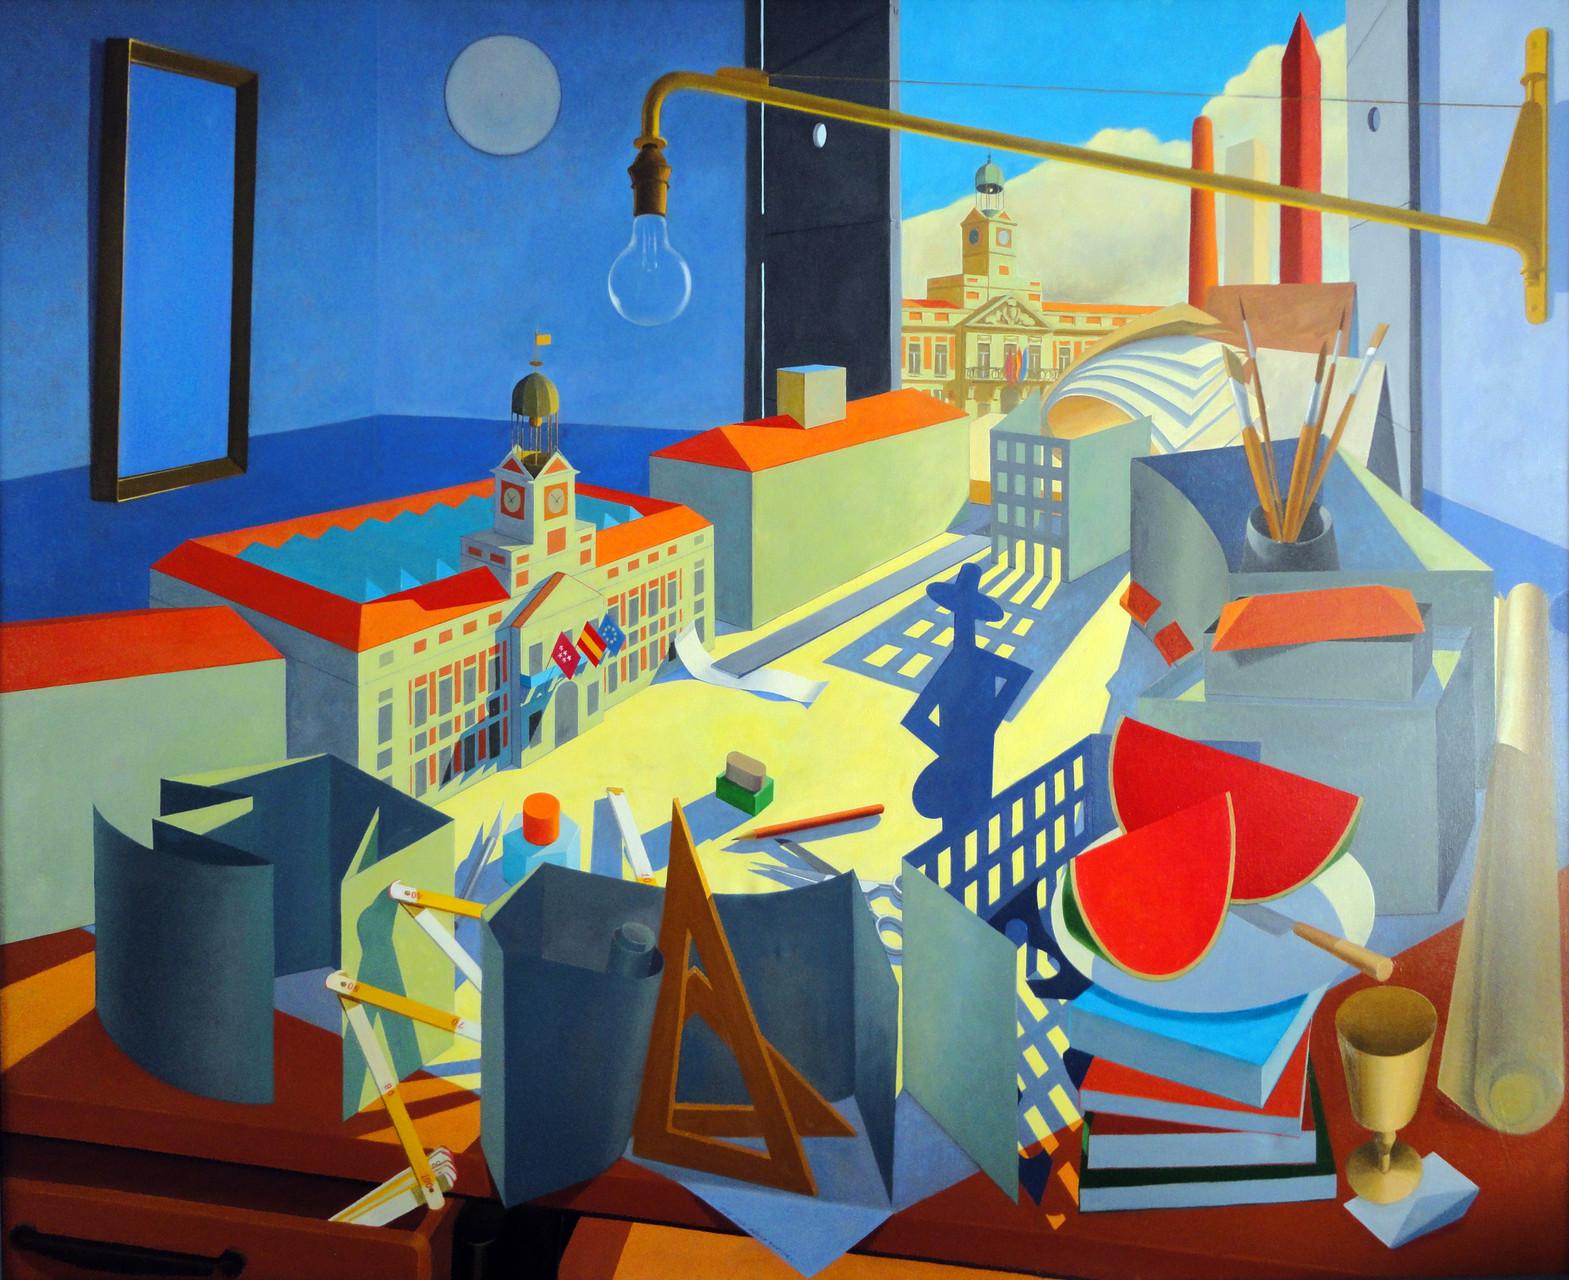 Capricho arquitectónico con maqueta de la Puerta del Sol. Óleo sobre lienzo, 130 x 146 cm.